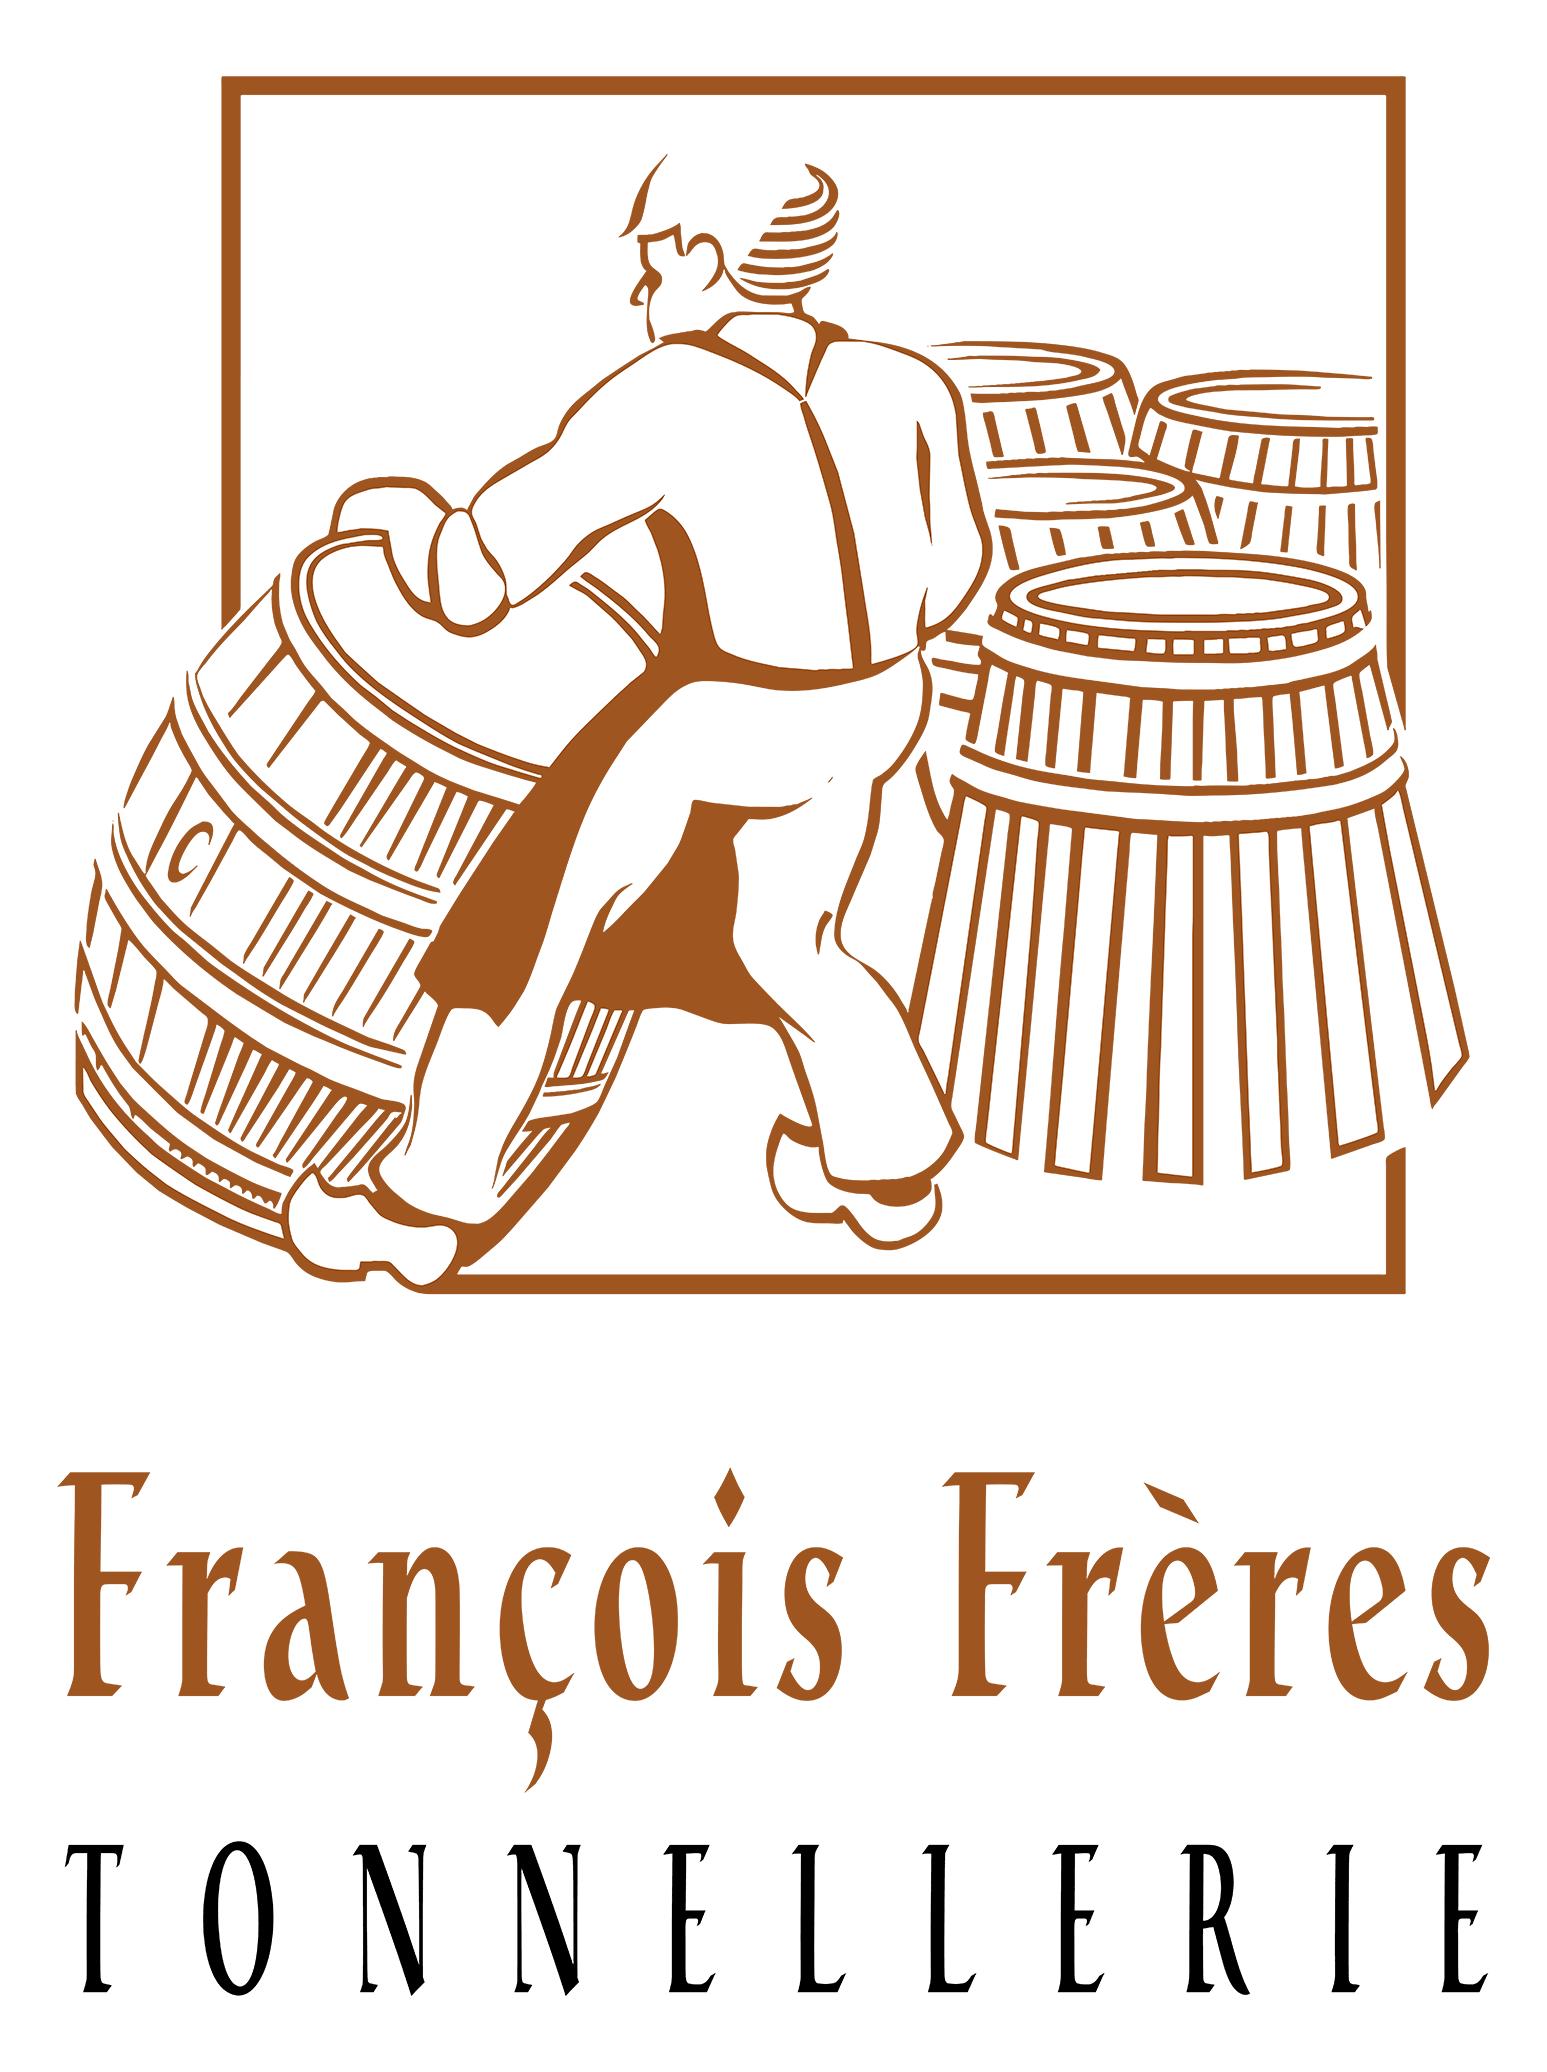 francois-freres-tonnellerie1